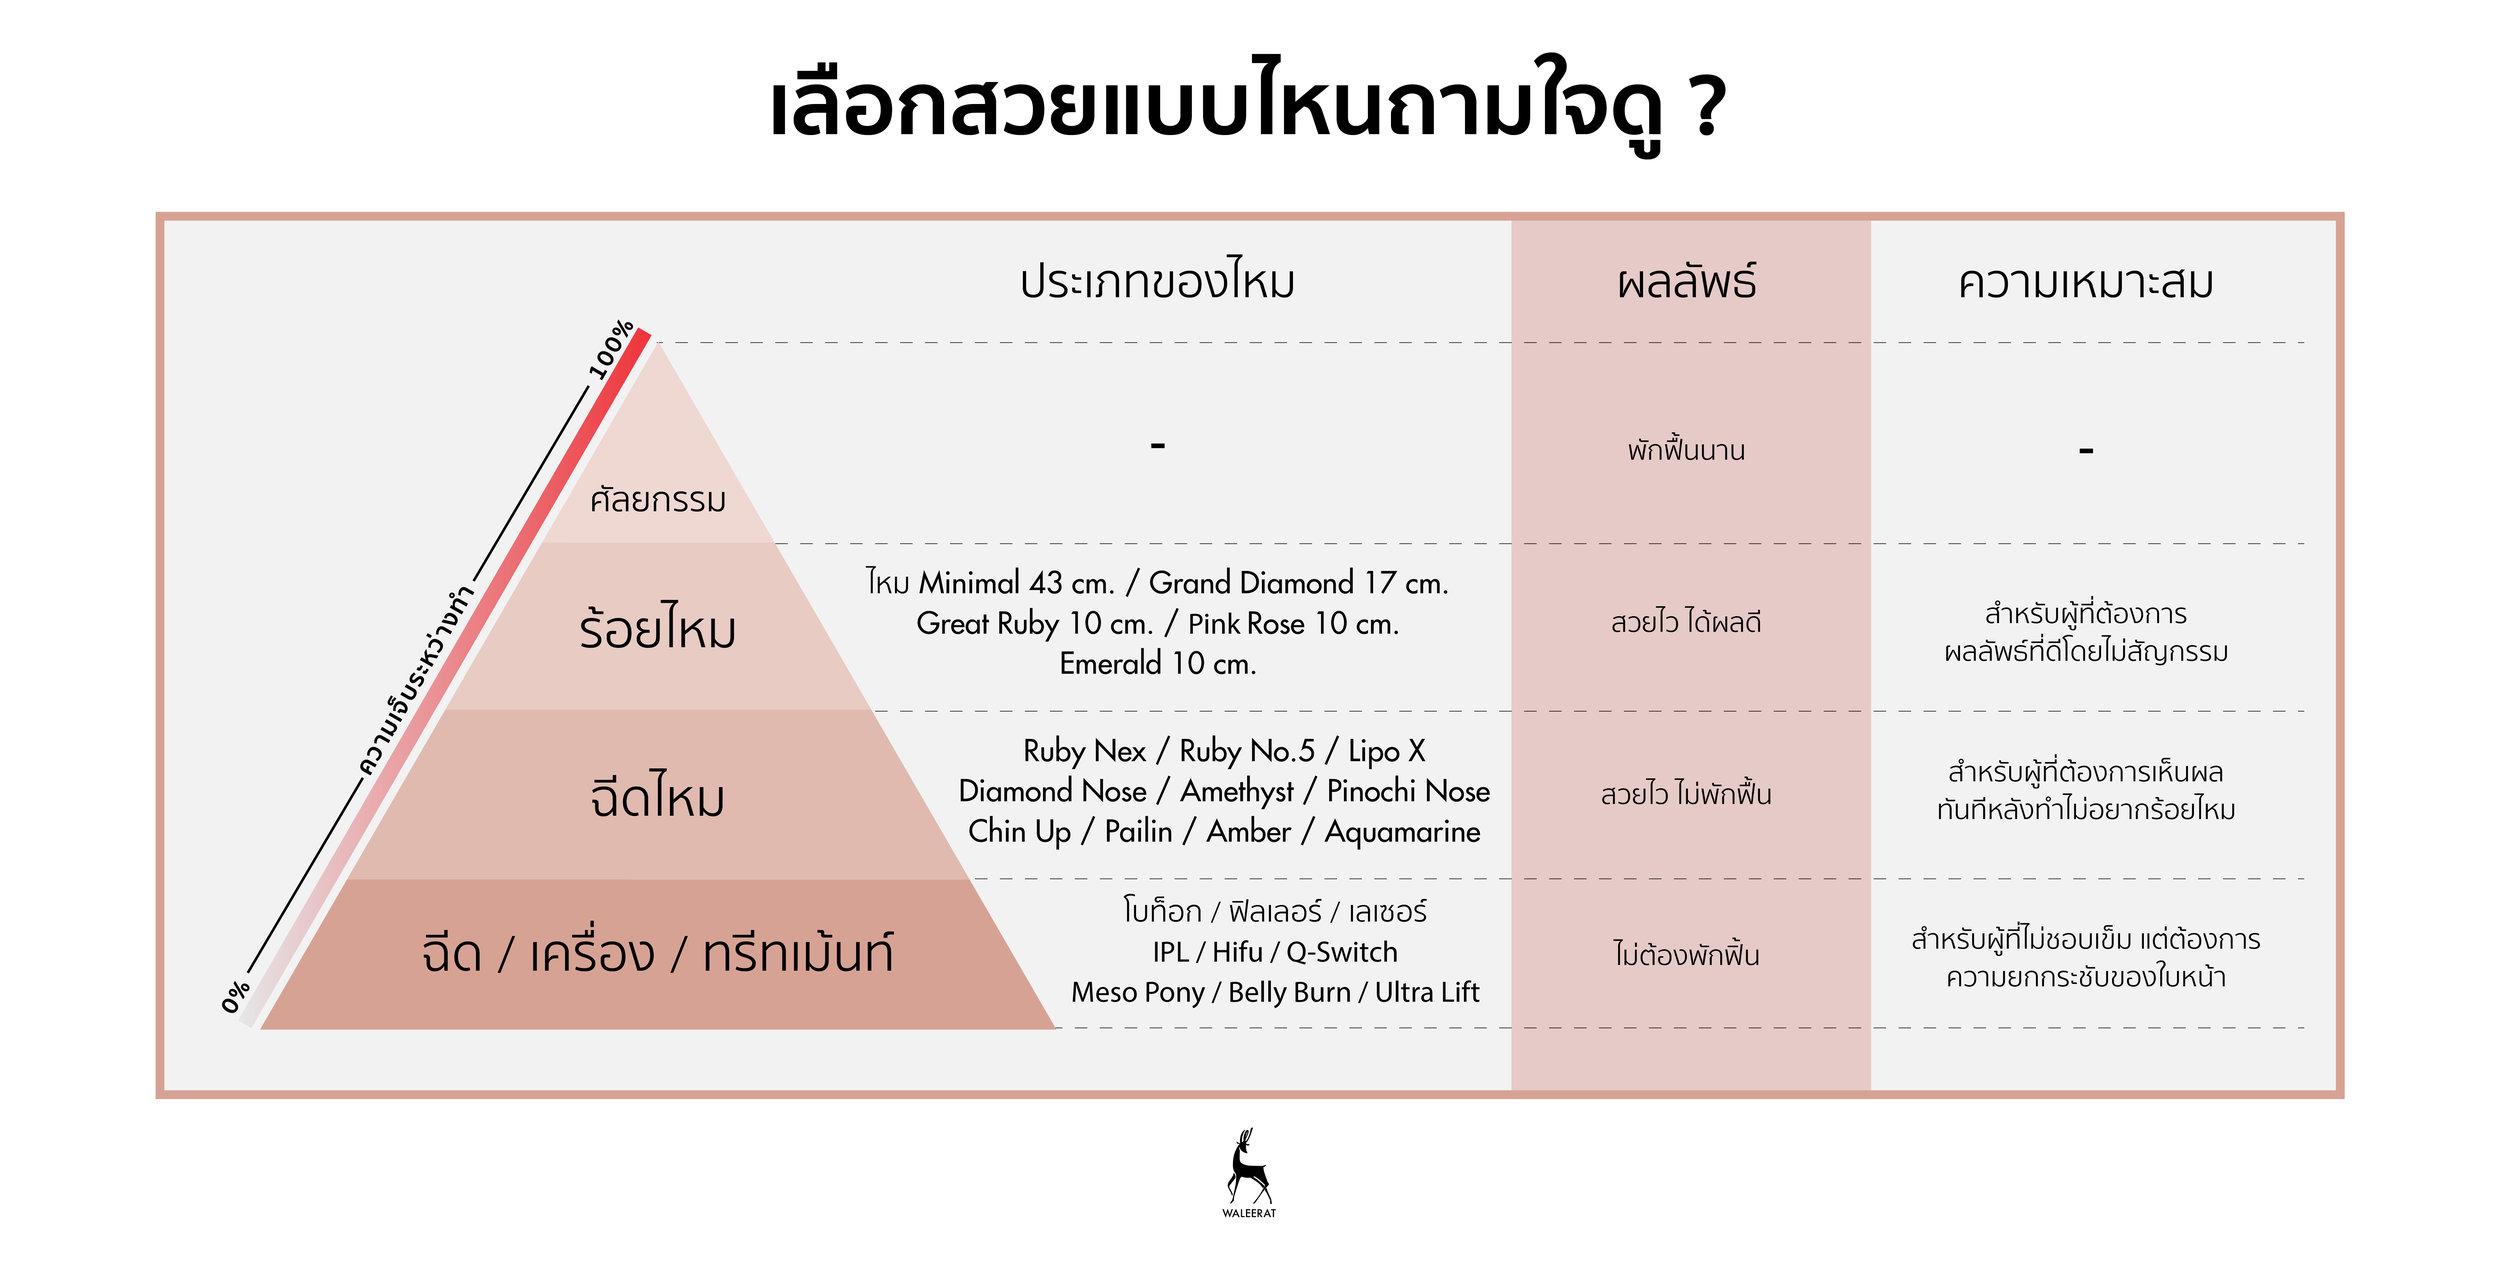 ตารางพิรามิด-01.jpg